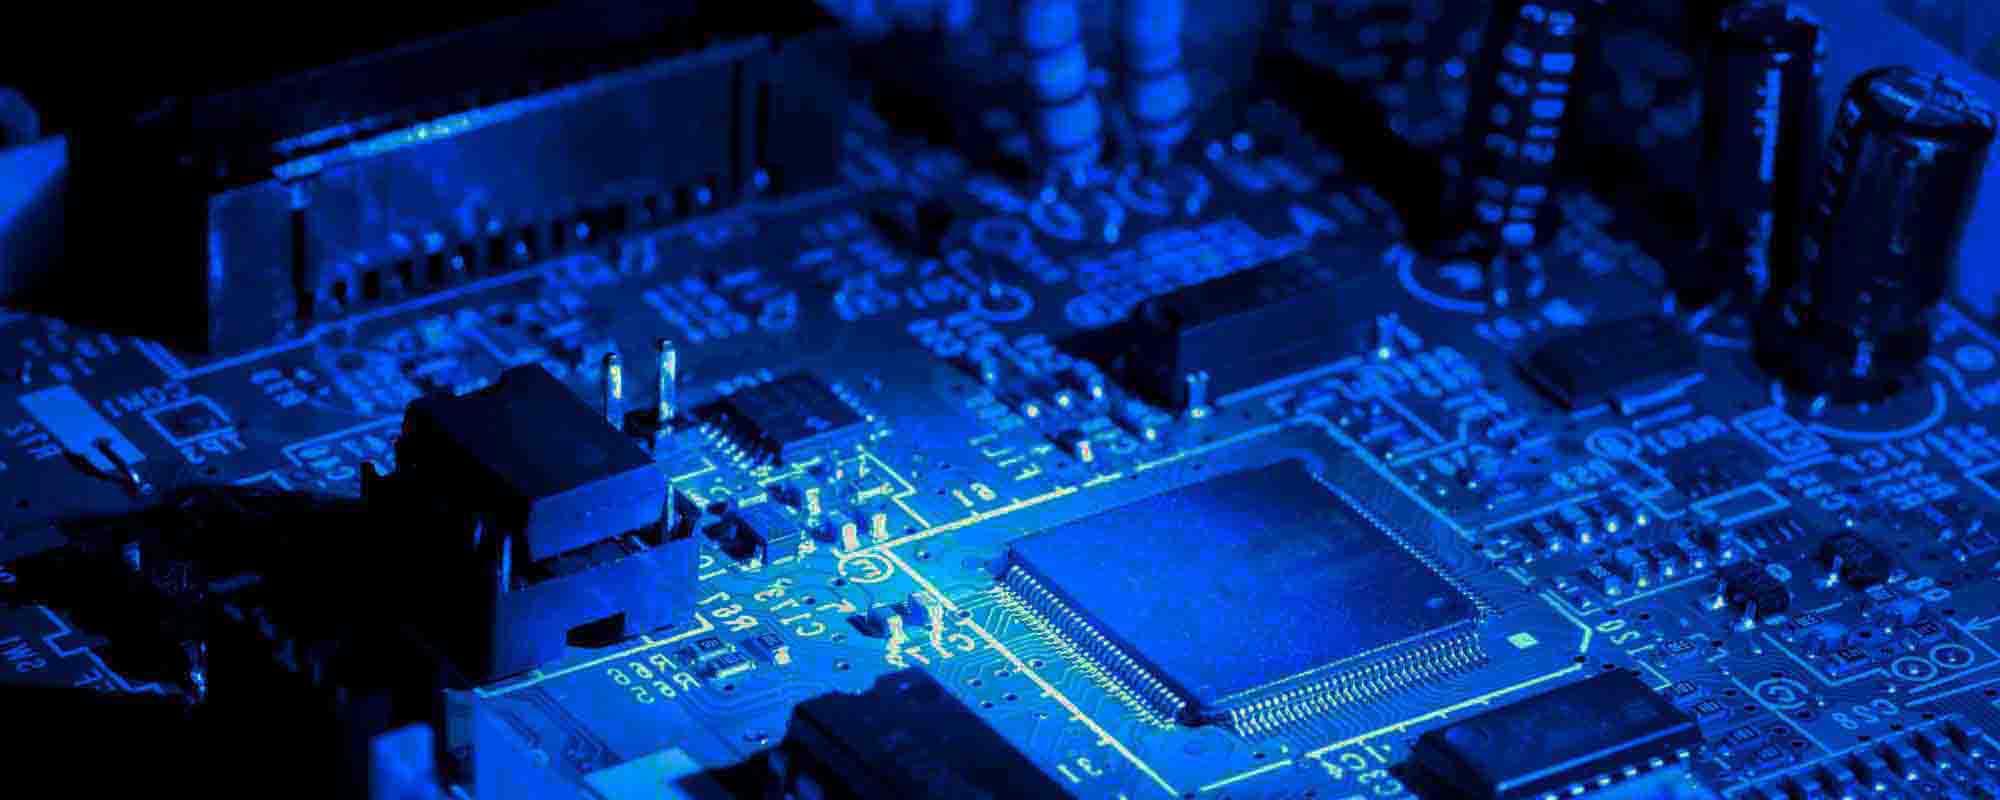 maatwerk touchscreen productie zoals high bright, transreflective en ip65 ip67 waterdicht